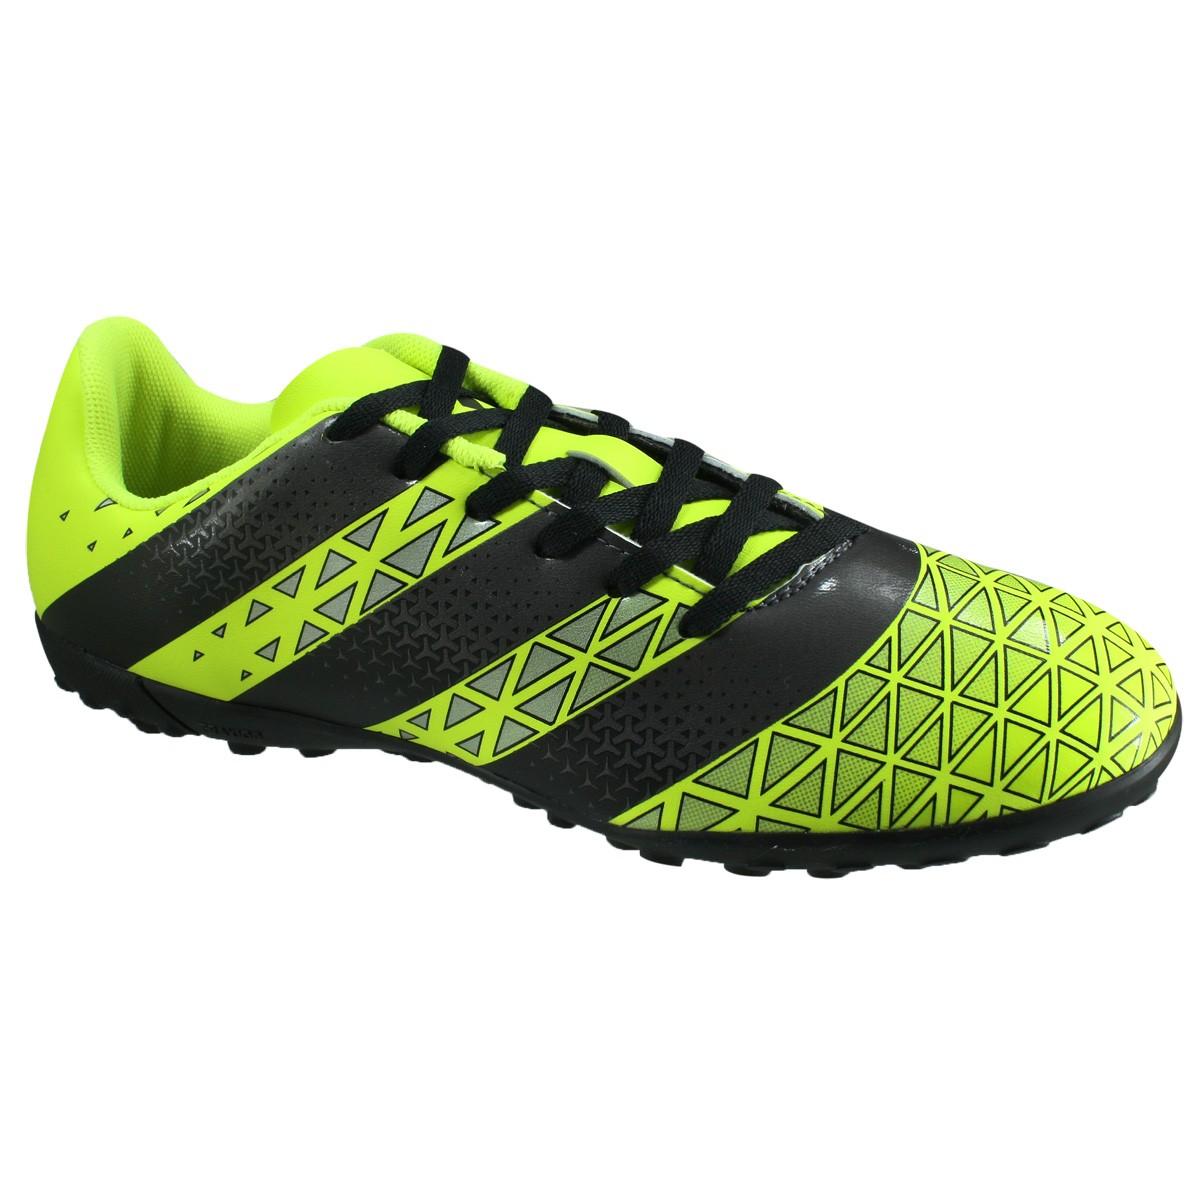 76eaccca82e8c Chuteira Adidas Artilheira TF F7 H68343 - Verde Preto - Botas Online ...